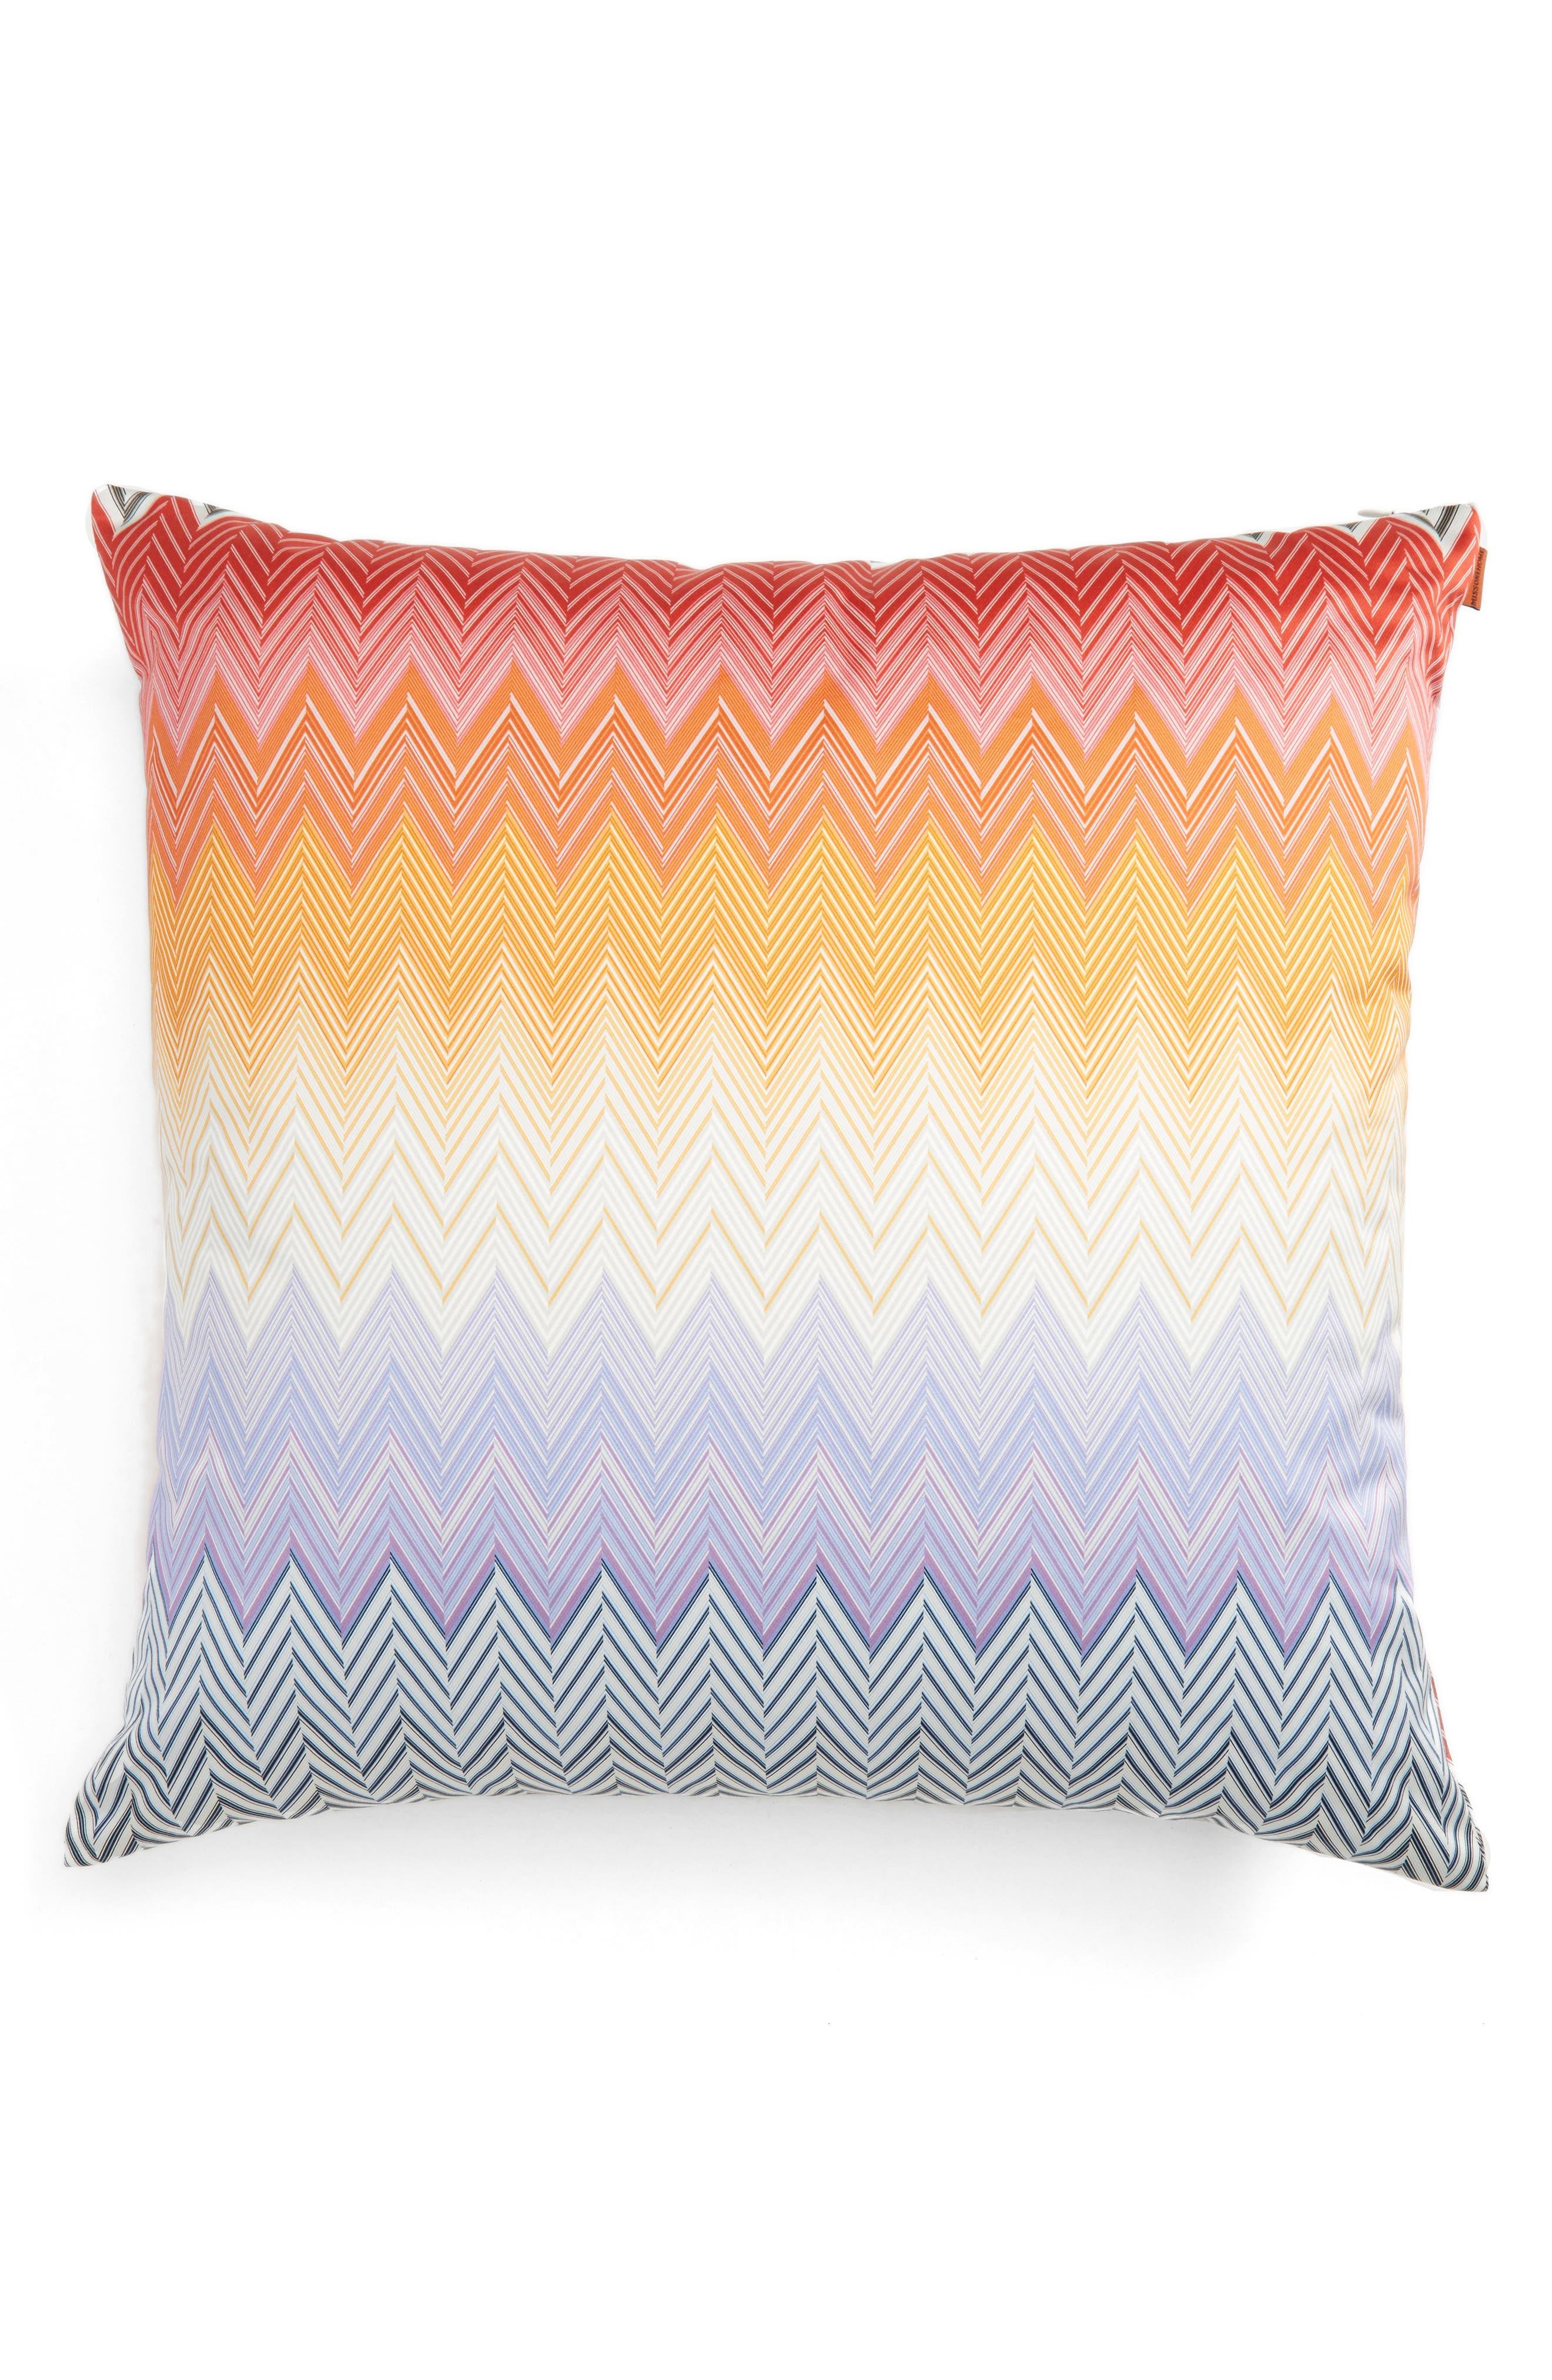 anette opp pillows s har pillow inspiration f fint for ynene det tt missoni er synes